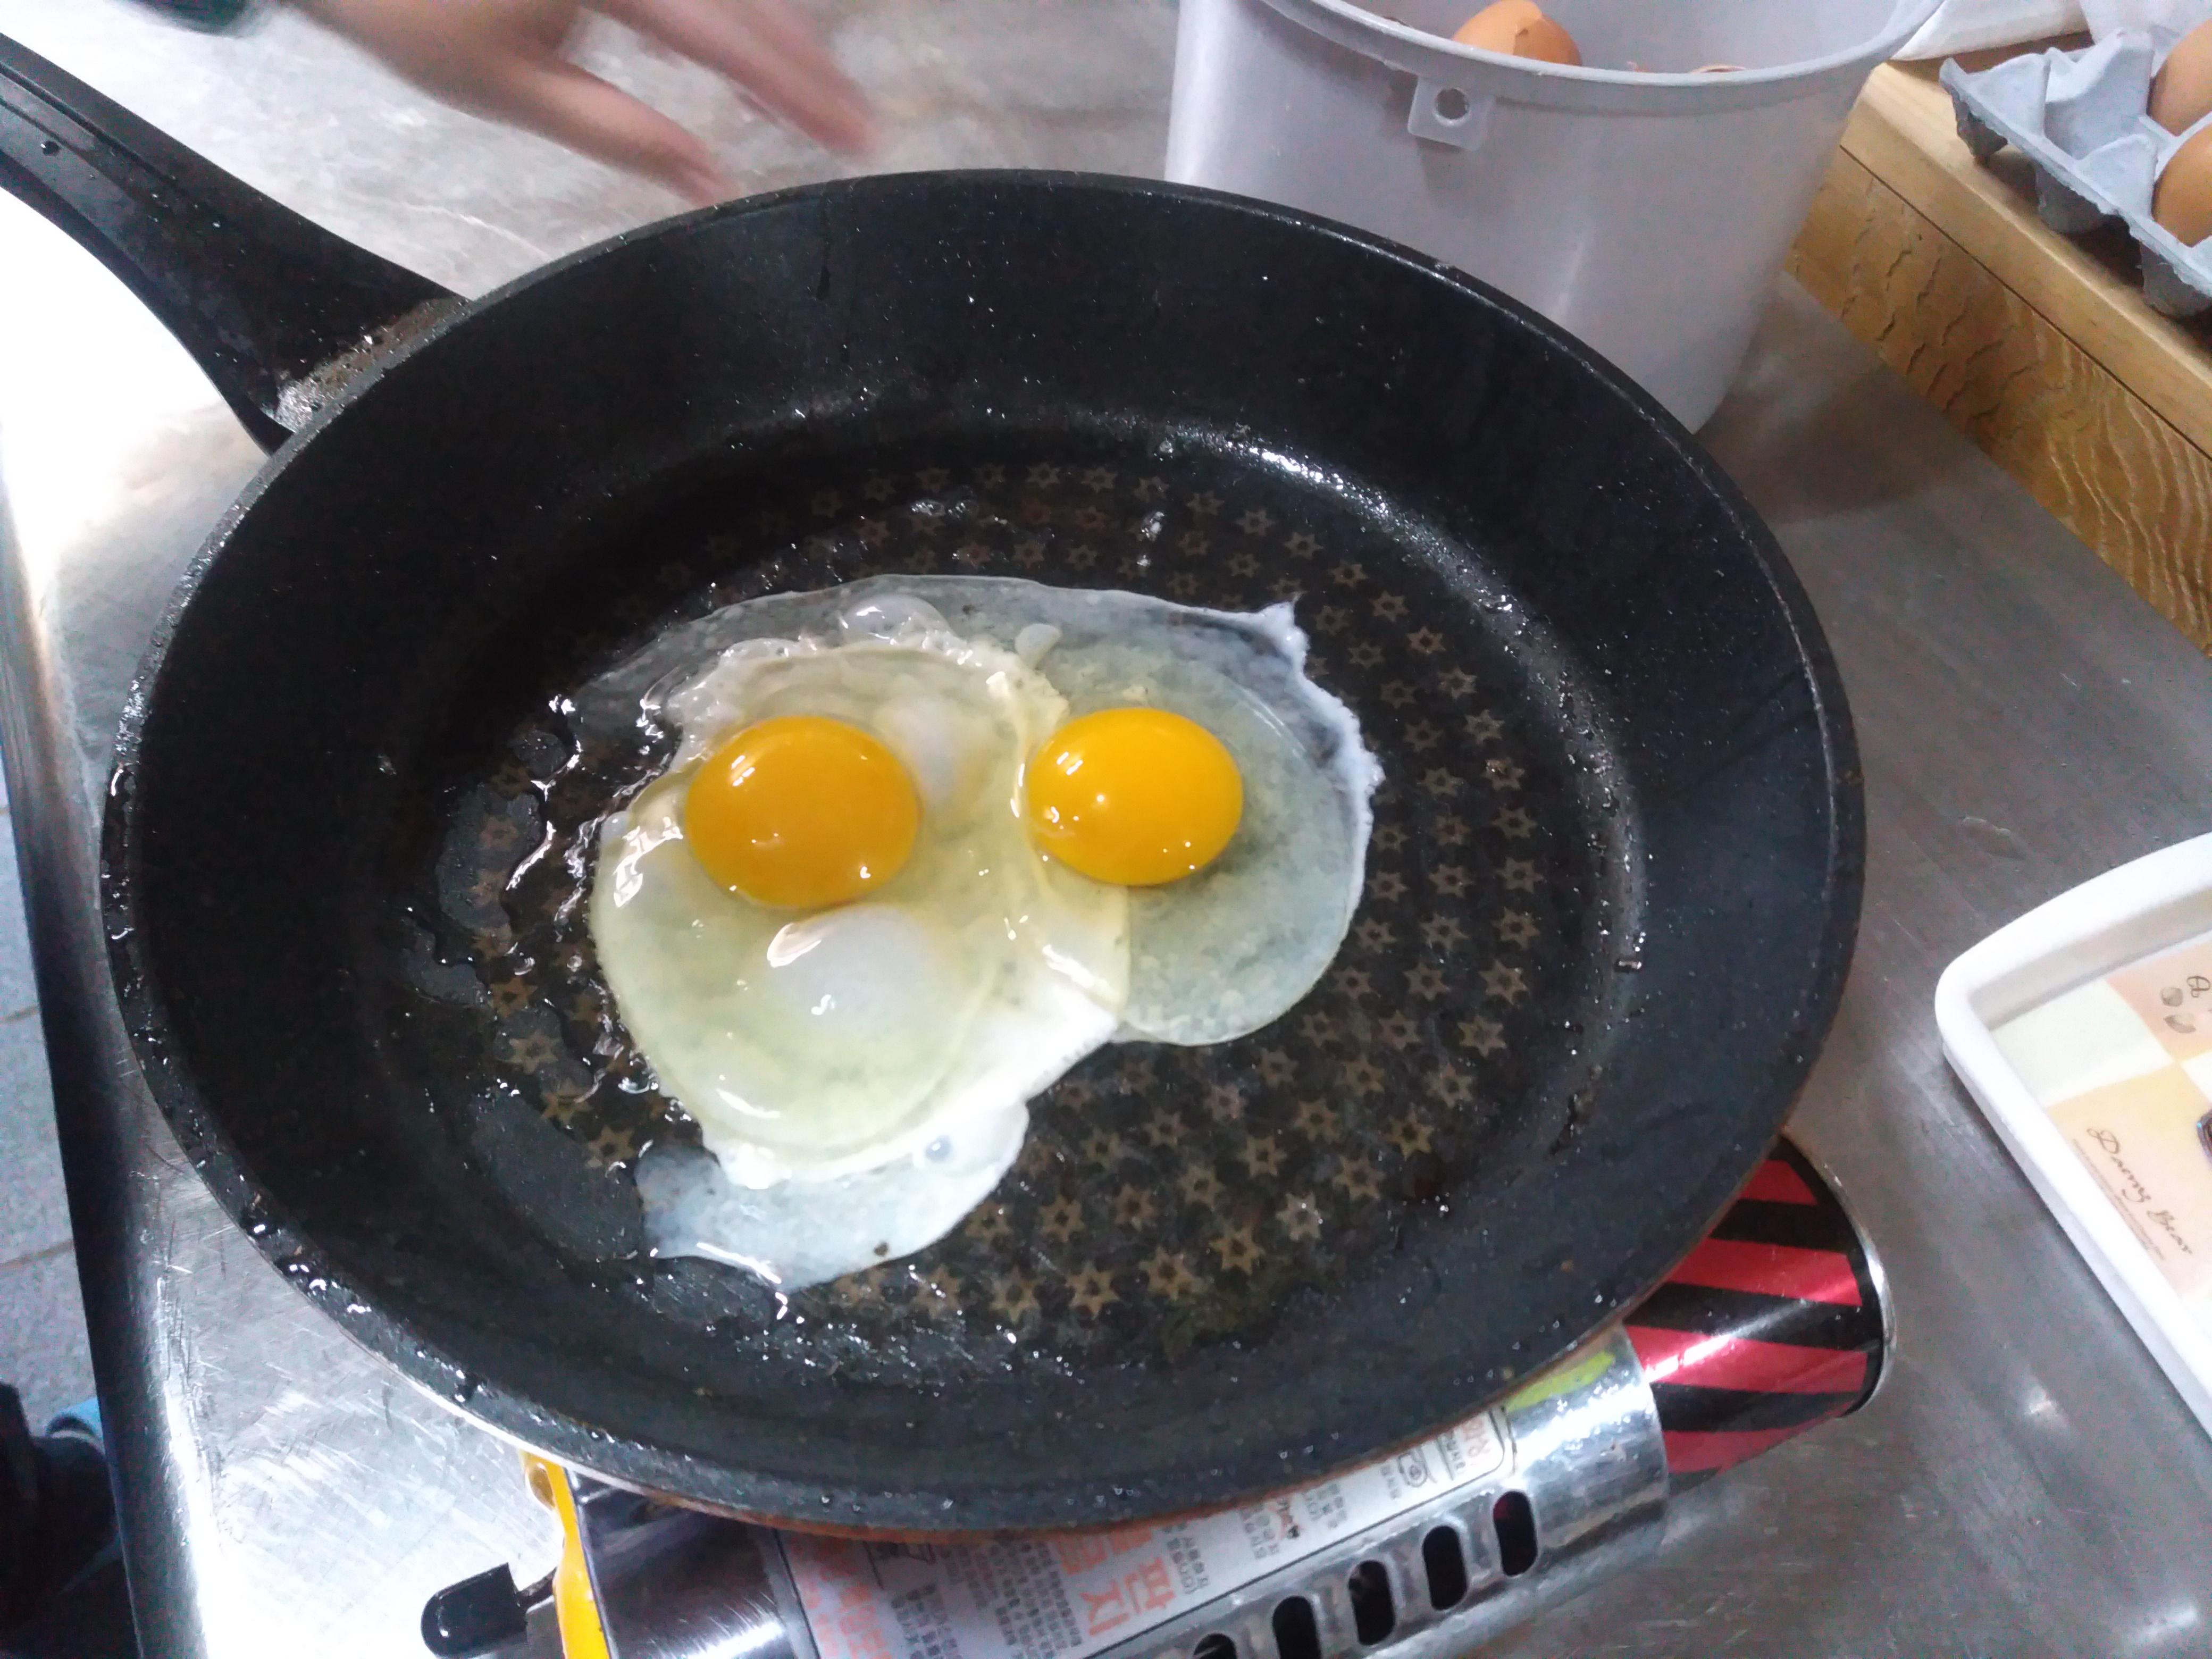 계란을 까서 후라이 판에 올리고 후라이를 준비